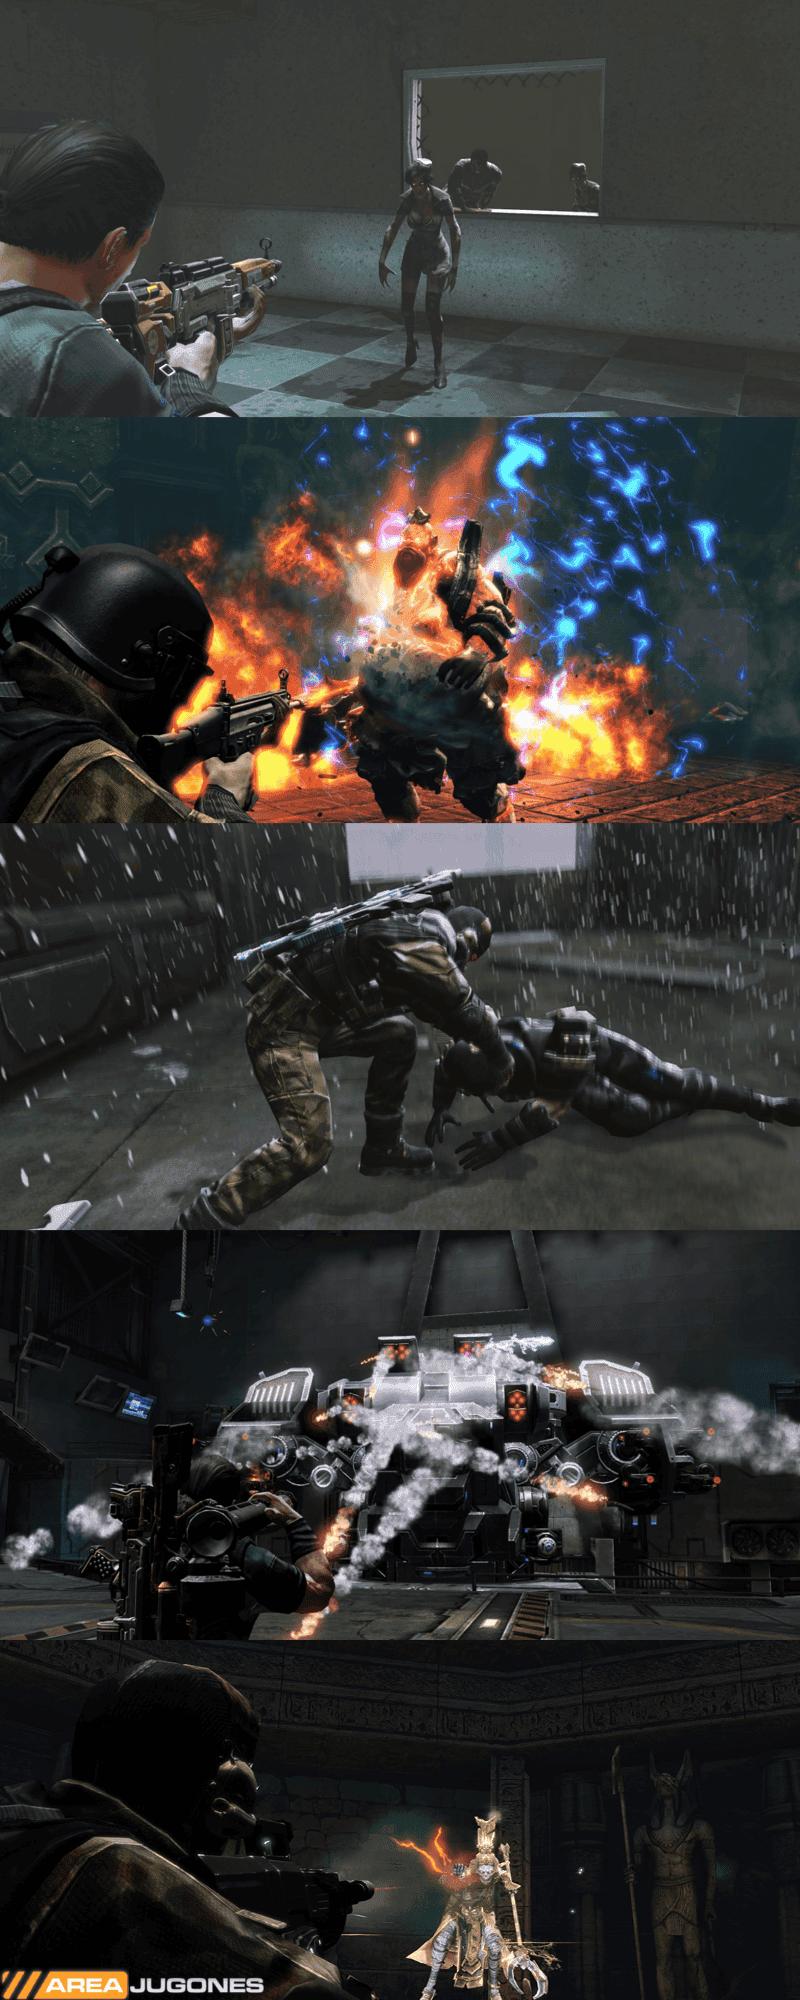 ¿Contra quién quieres luchar hoy? Zombies, monstruos, criaturas místicas, robots, soldados... la diversidad de enemigos en Hazard Ops es muy grande.